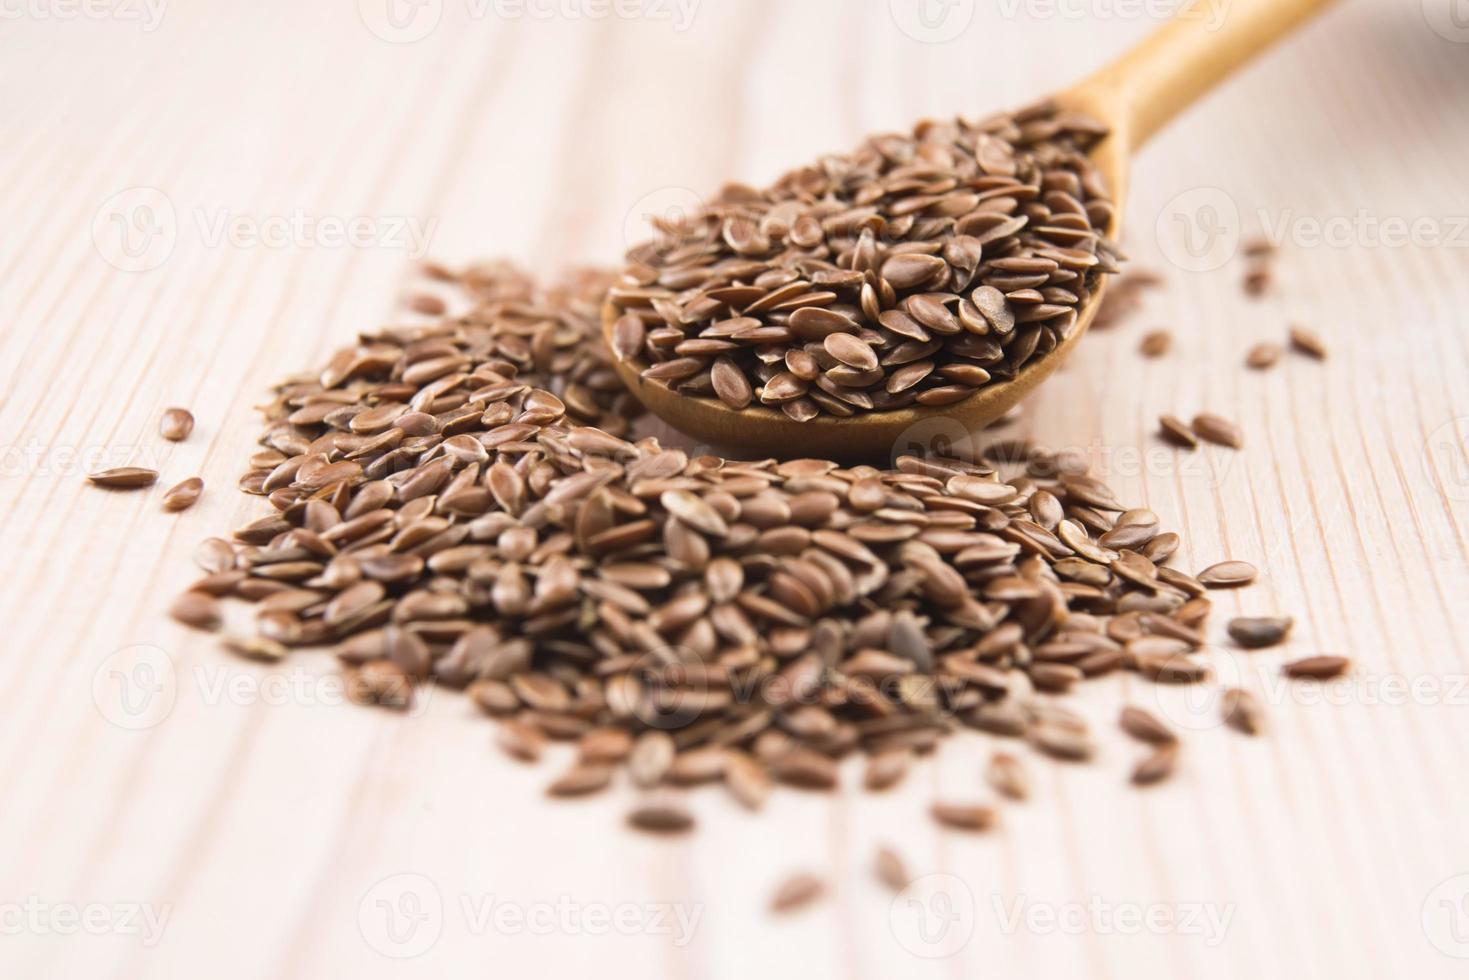 huile de lin et graines de lin sur fond de bois photo